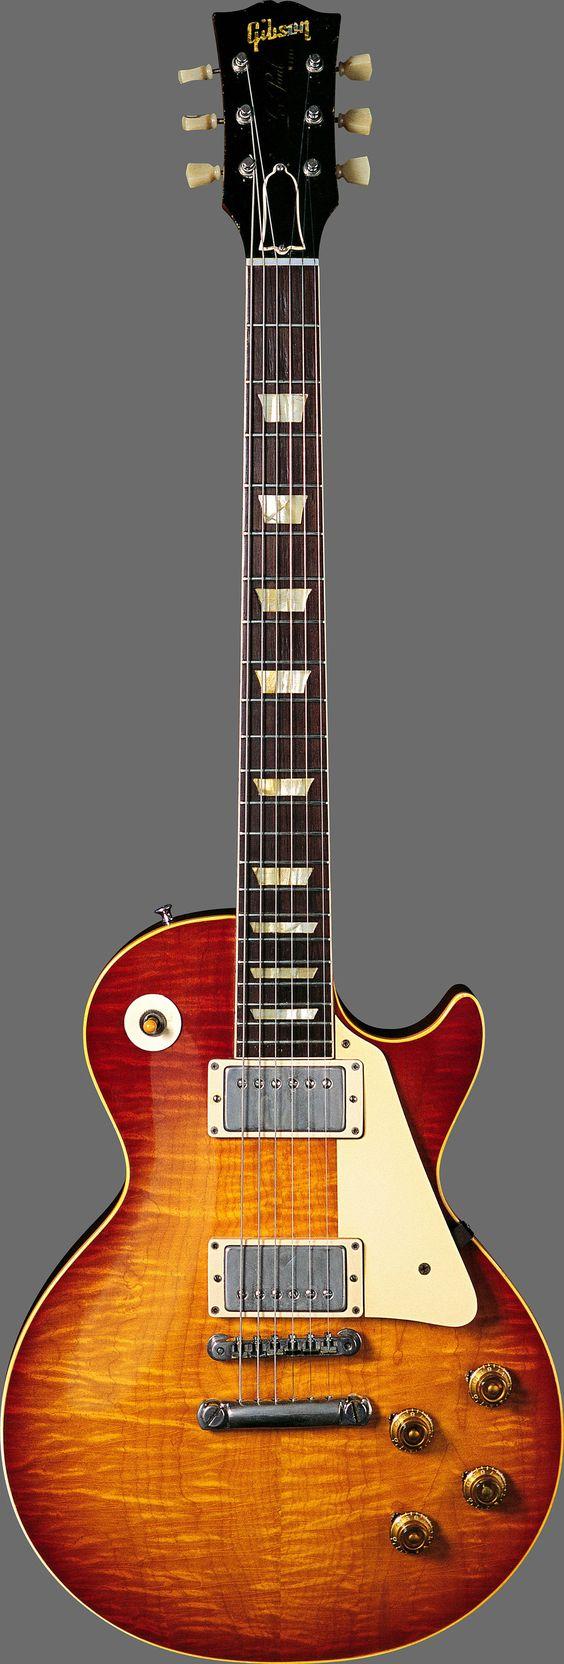 Gibson Les Paul. Una clásica. Yo tengo esta, pero una versión china.  Jimmy Page usaba ampliamente esta guitarra se le puede ver en Stairway to Heaven.